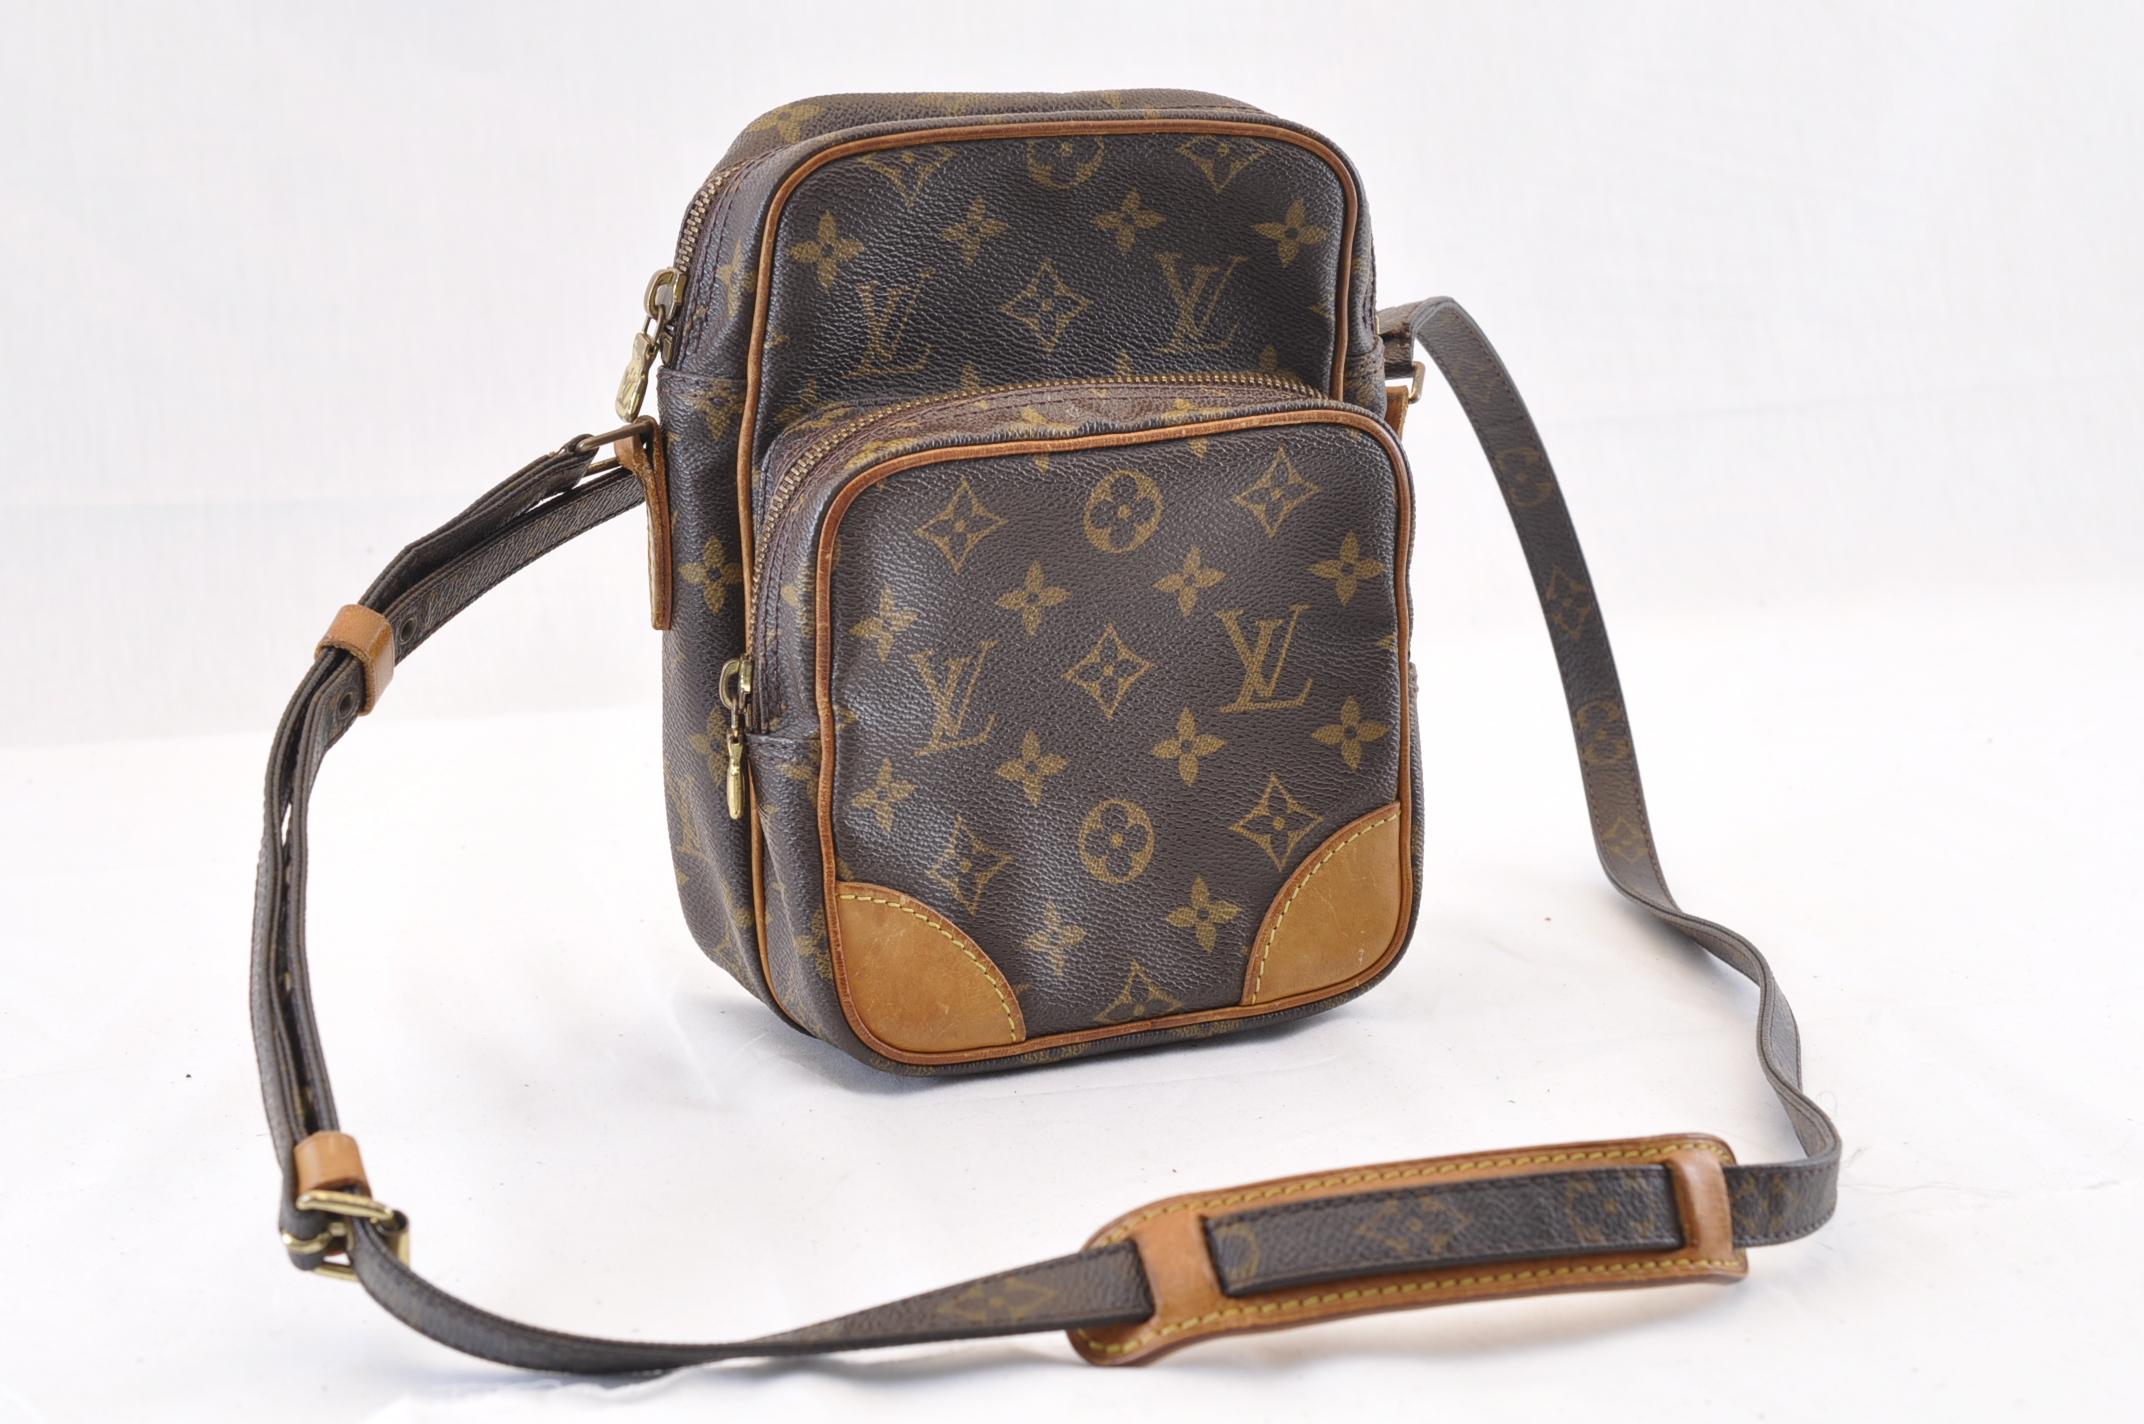 cedd577512ae LOUIS VUITTON Monogram Amazon Shoulder Bag M45236 LV Auth JANK 6730 ...